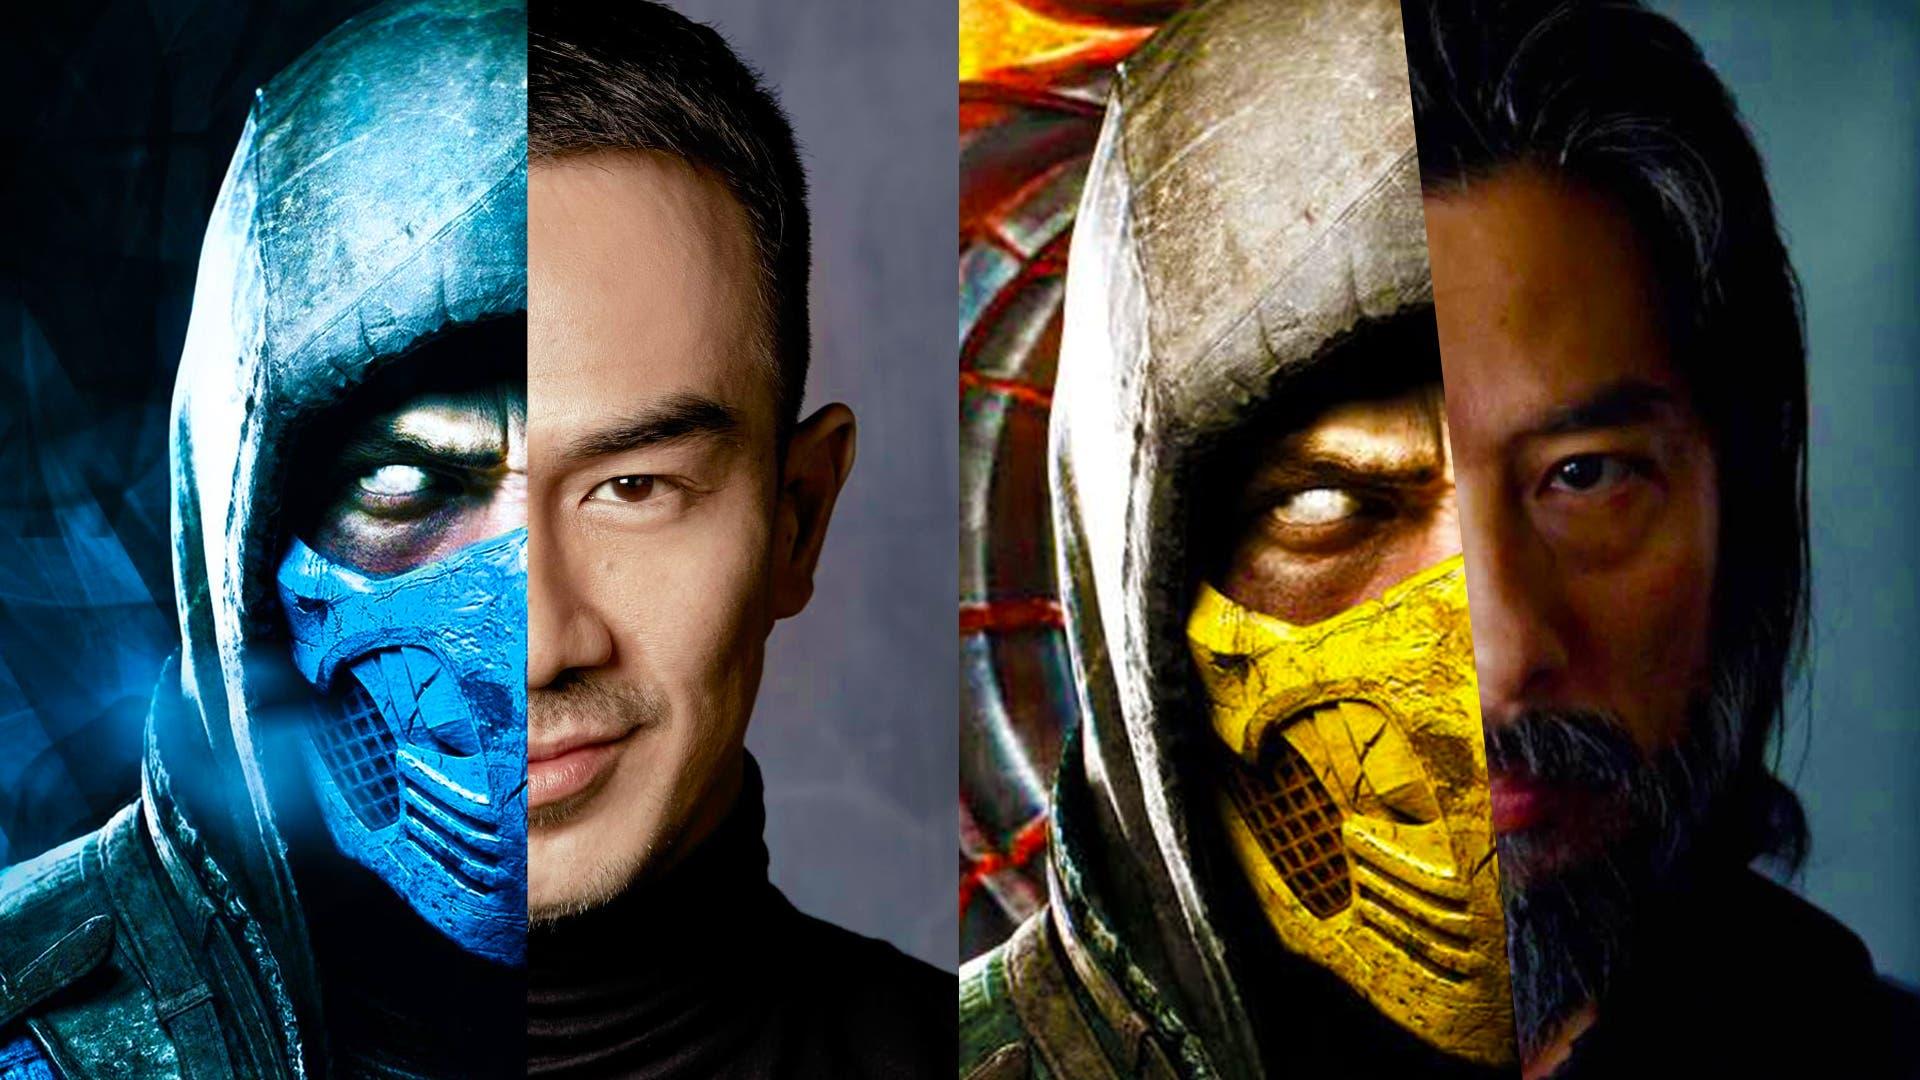 Премьера фильма Mortal Kombat состоится 16 апреля 2021 года